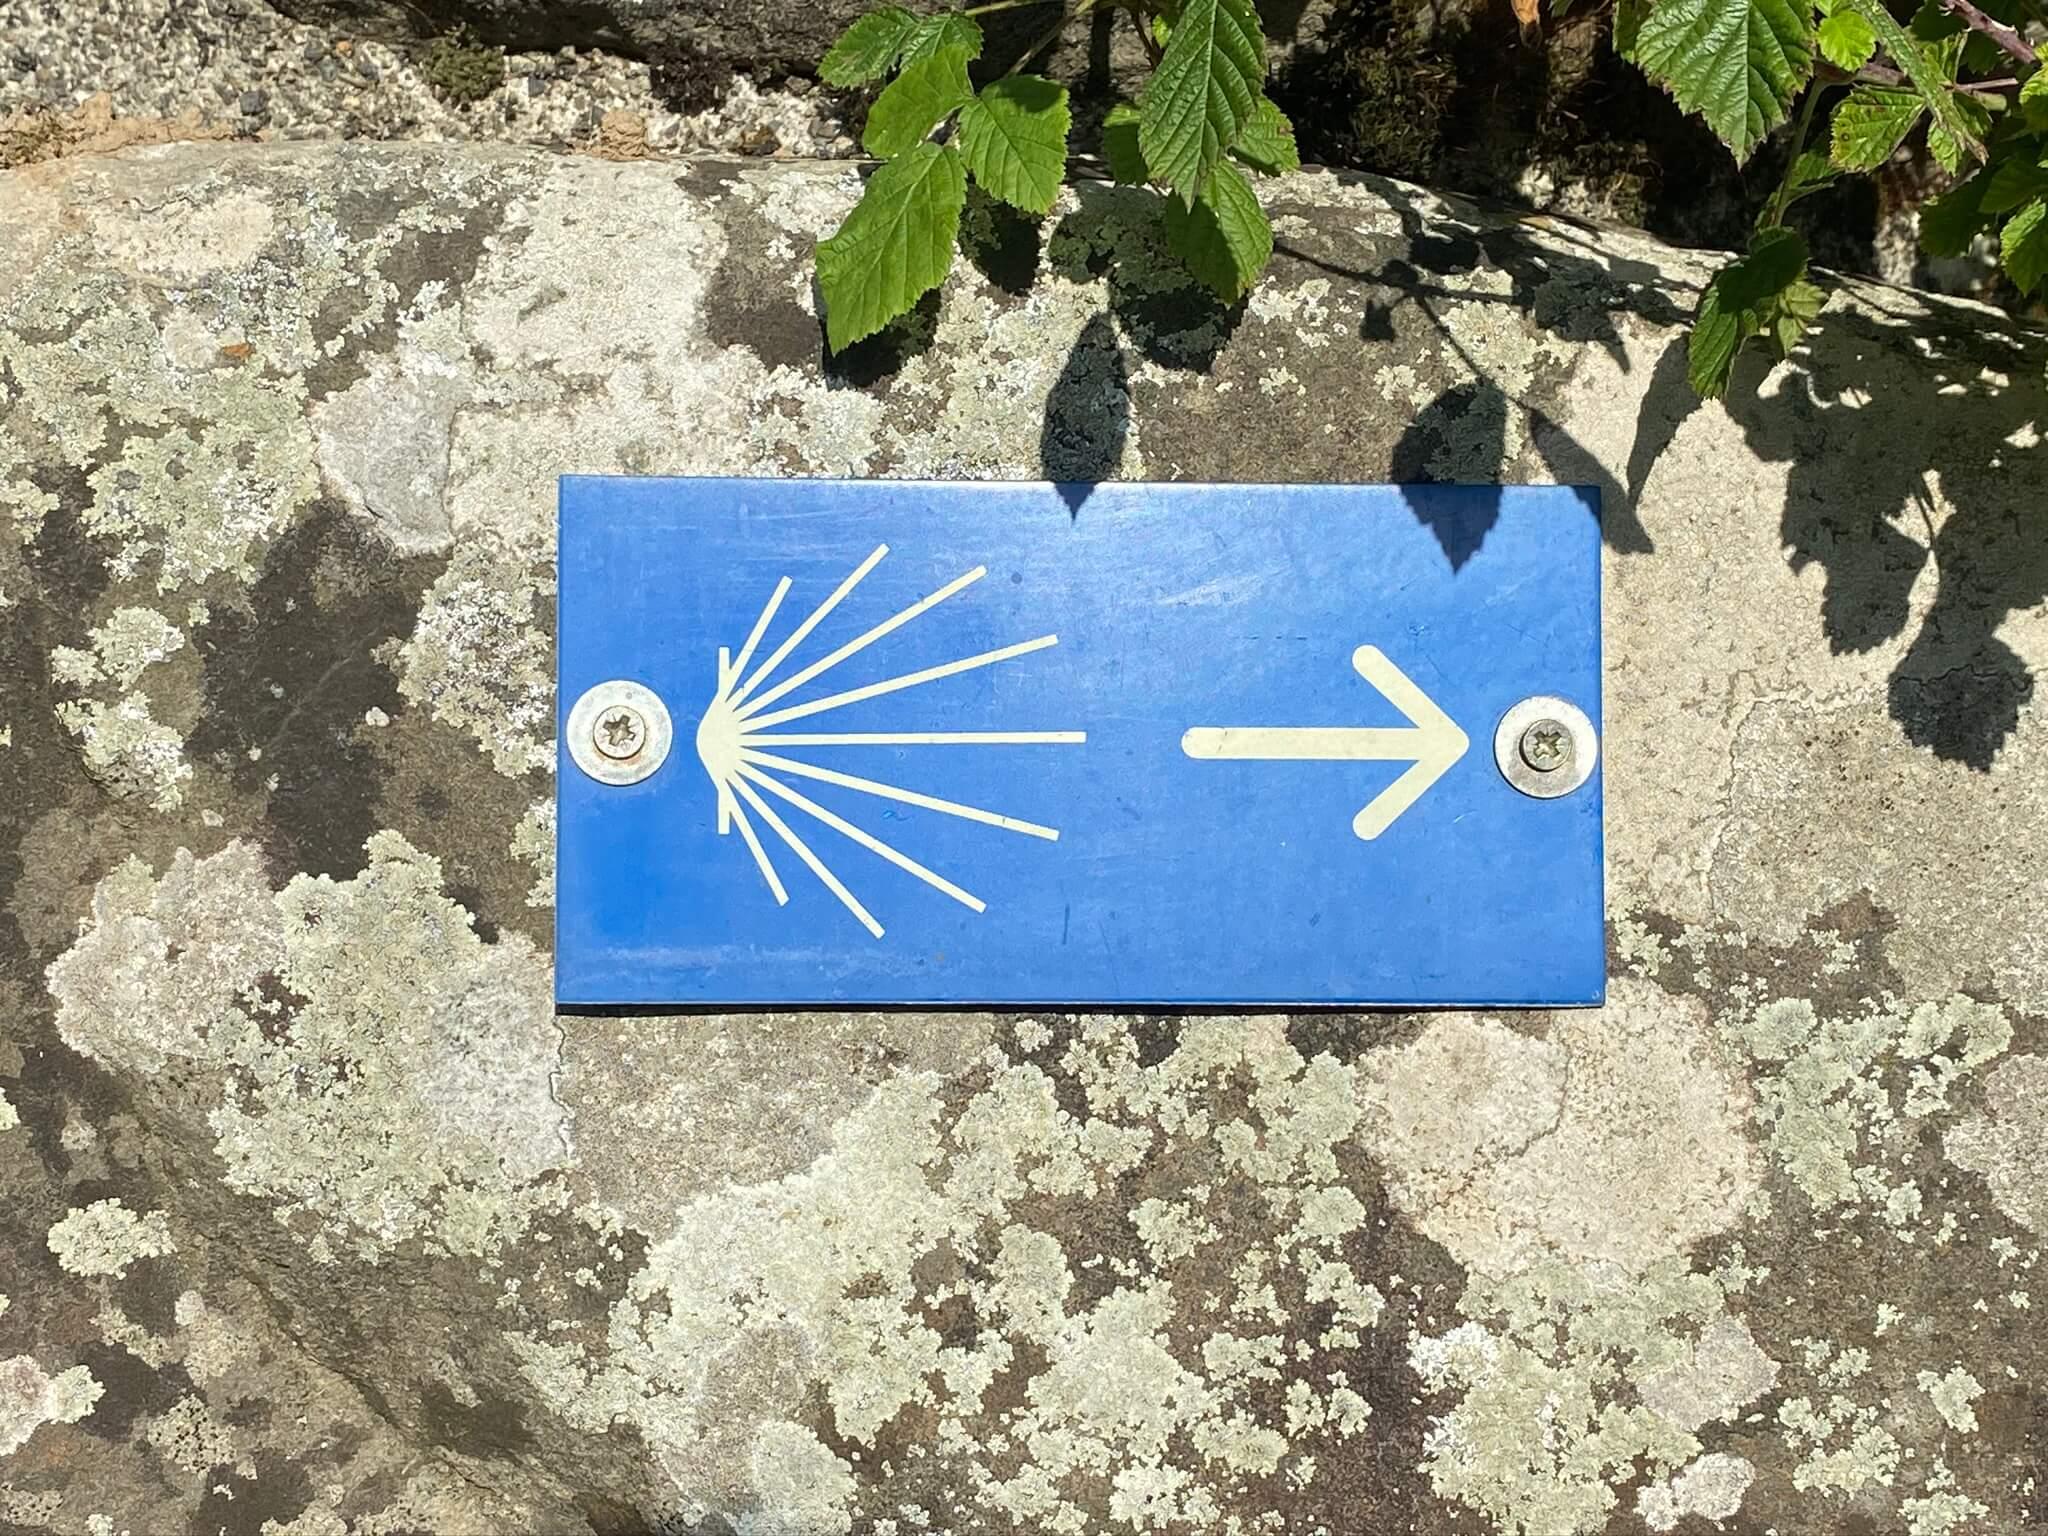 Le chemin de Compostelle (La Voie d'Arles) passe à Bedous